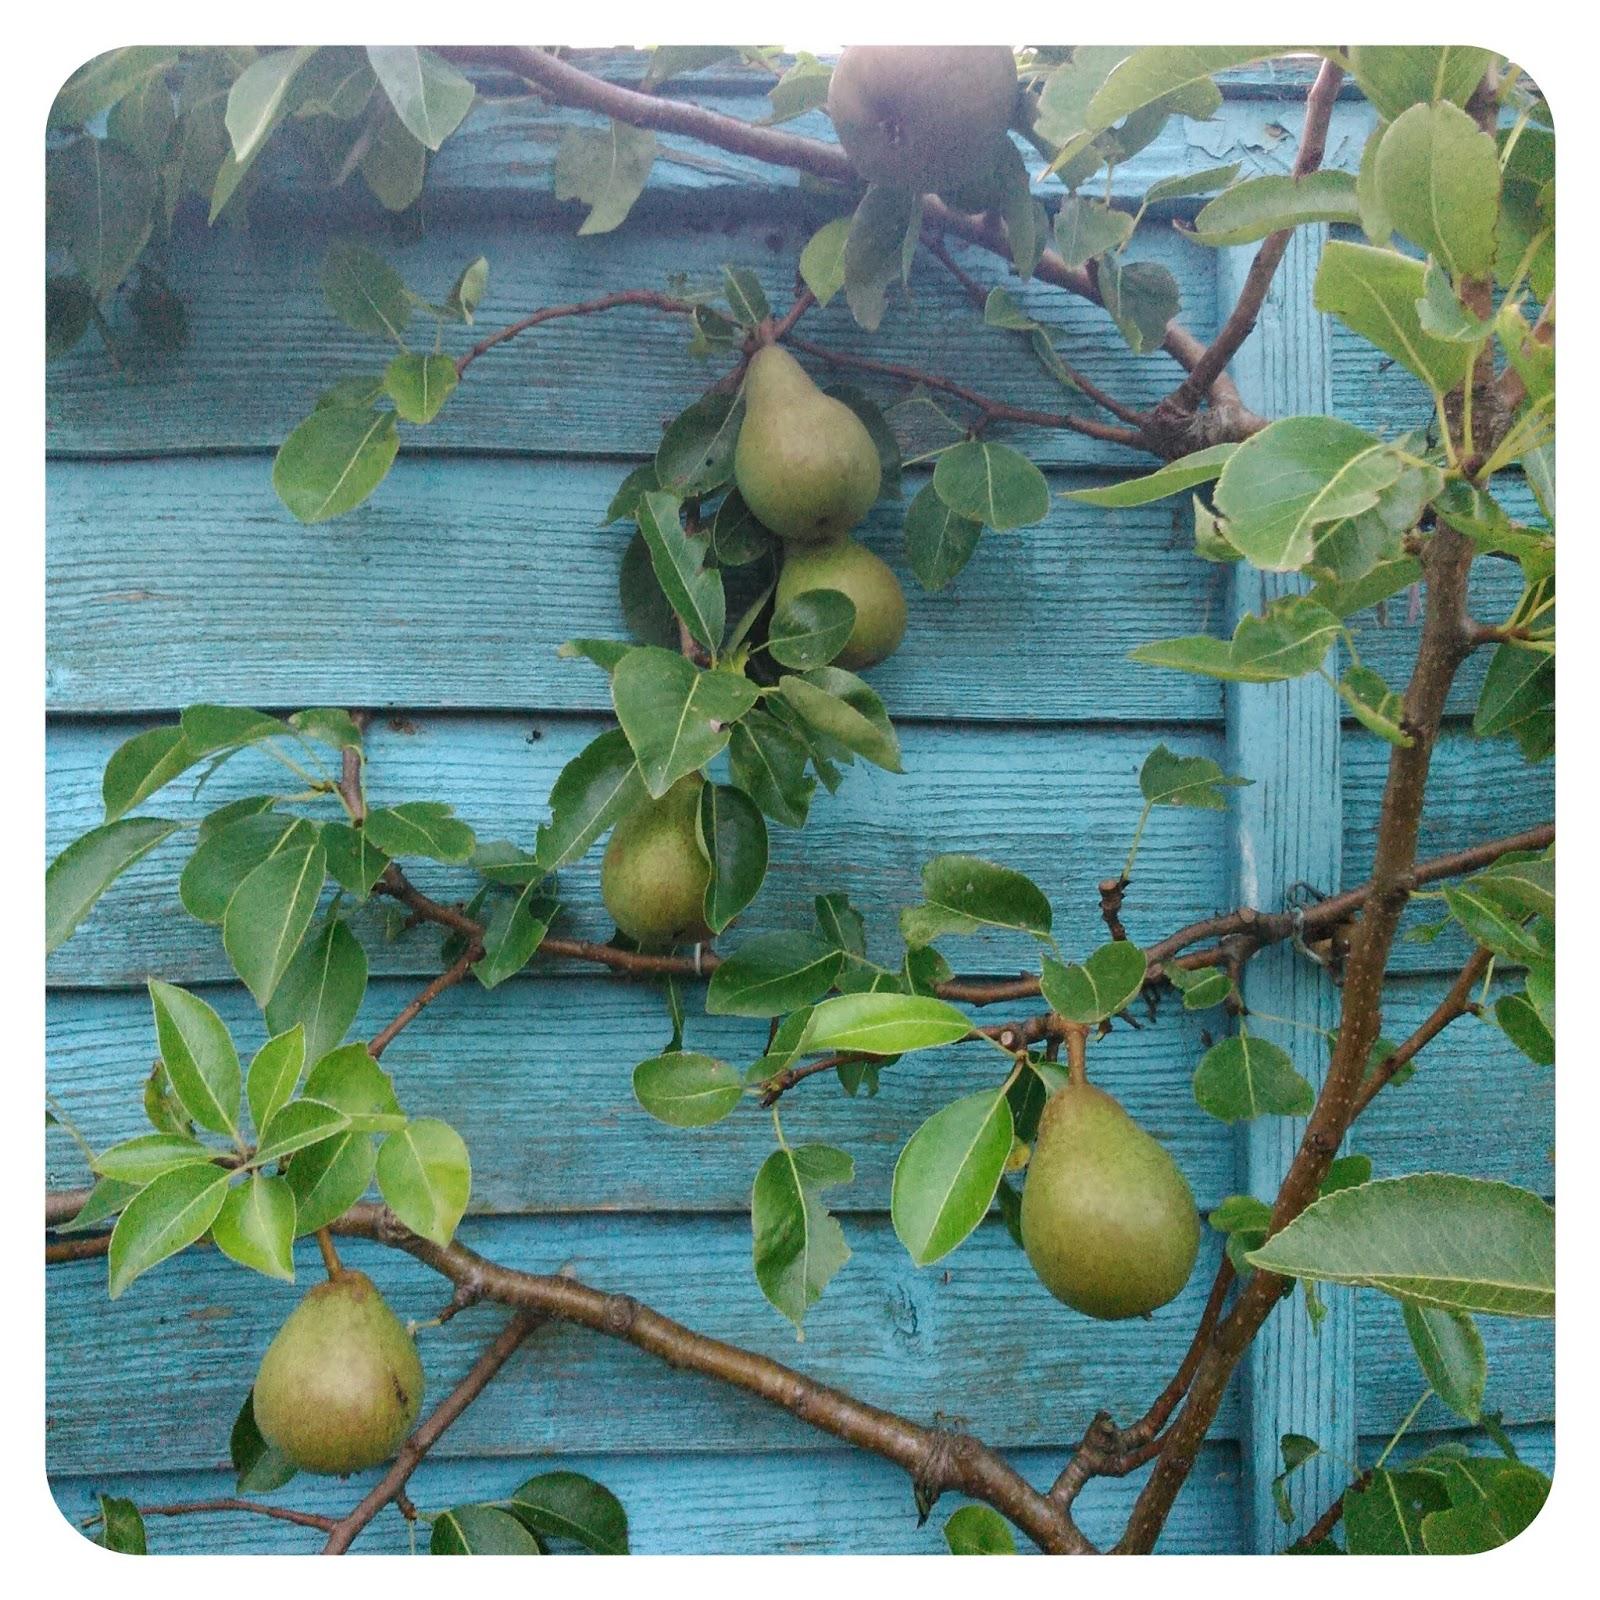 Harriet's lovely pear tree